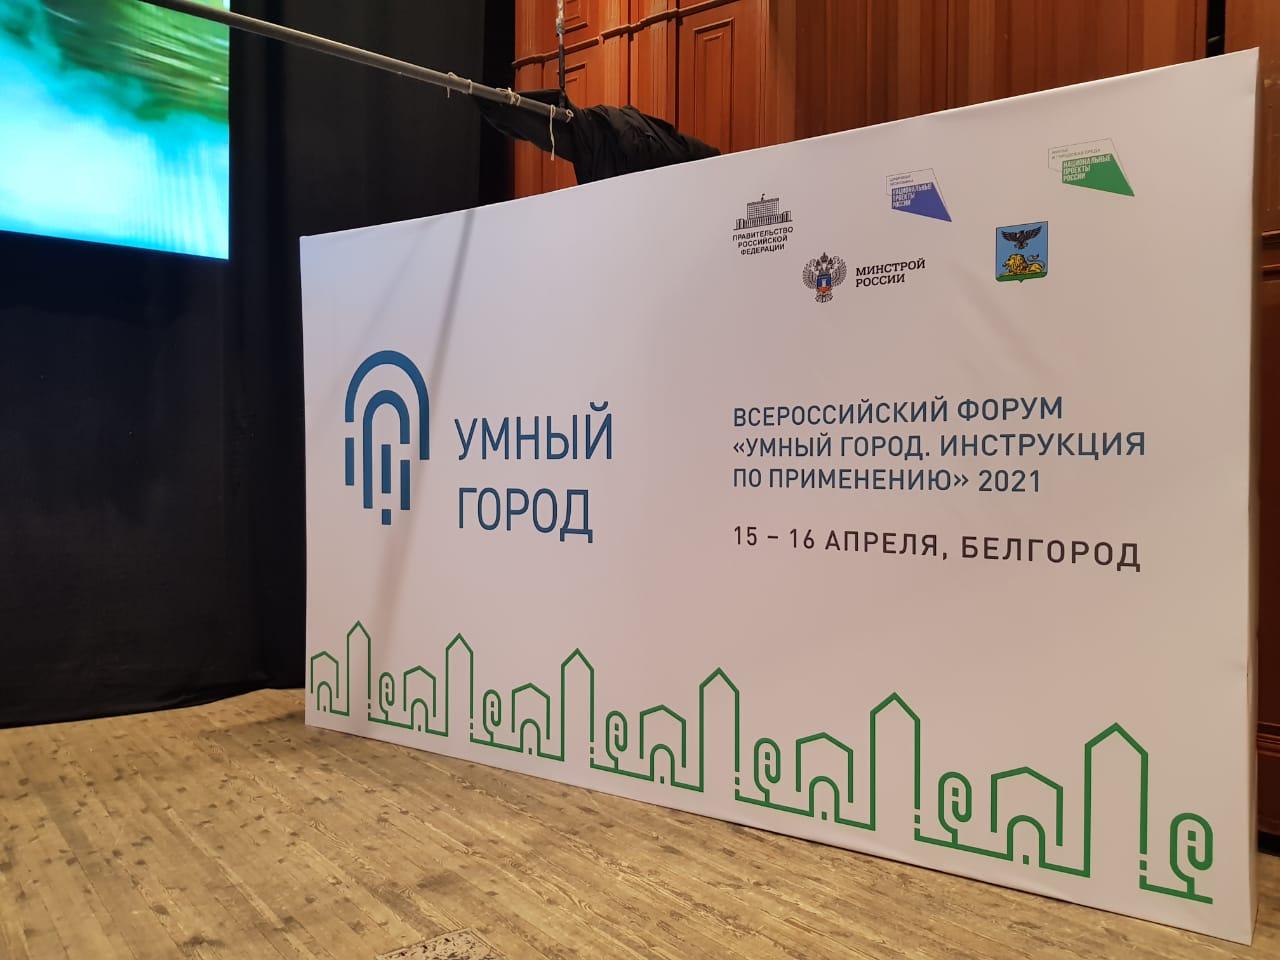 оформление форума Умный город в филармонии